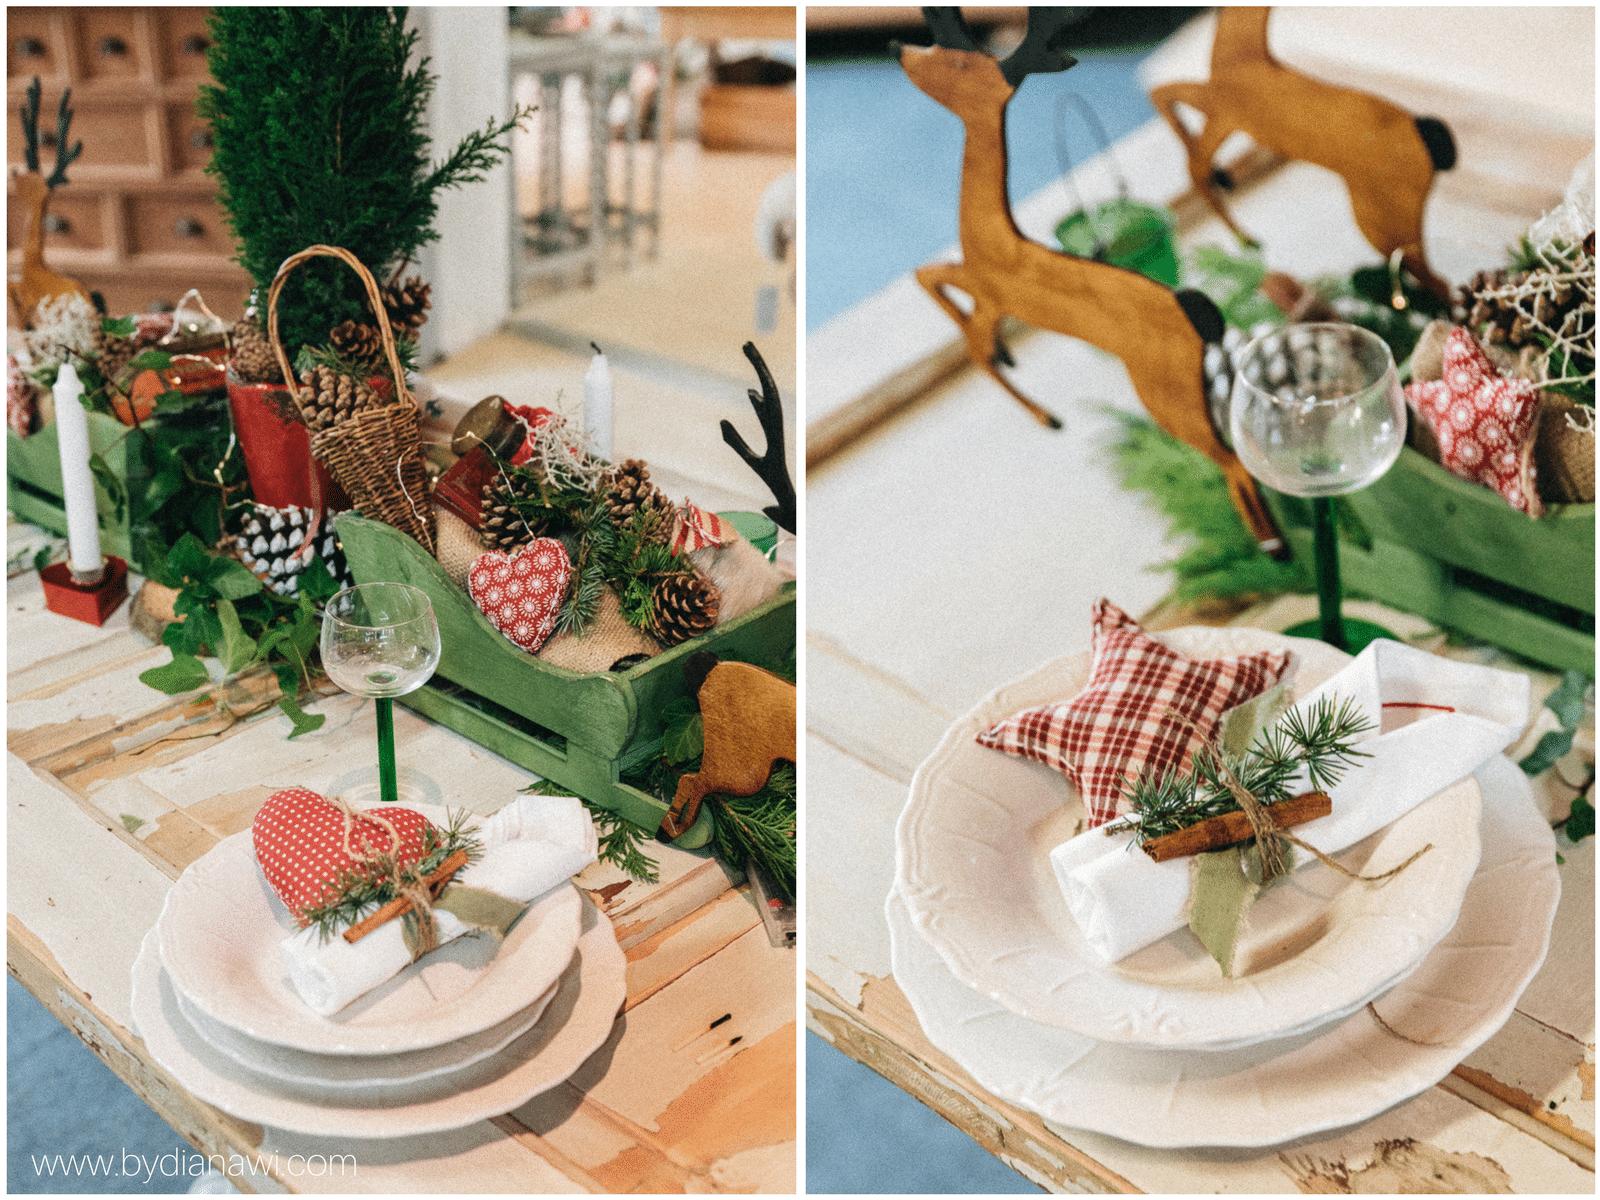 juleinspiration, loppemarked, juleborddækning, jul